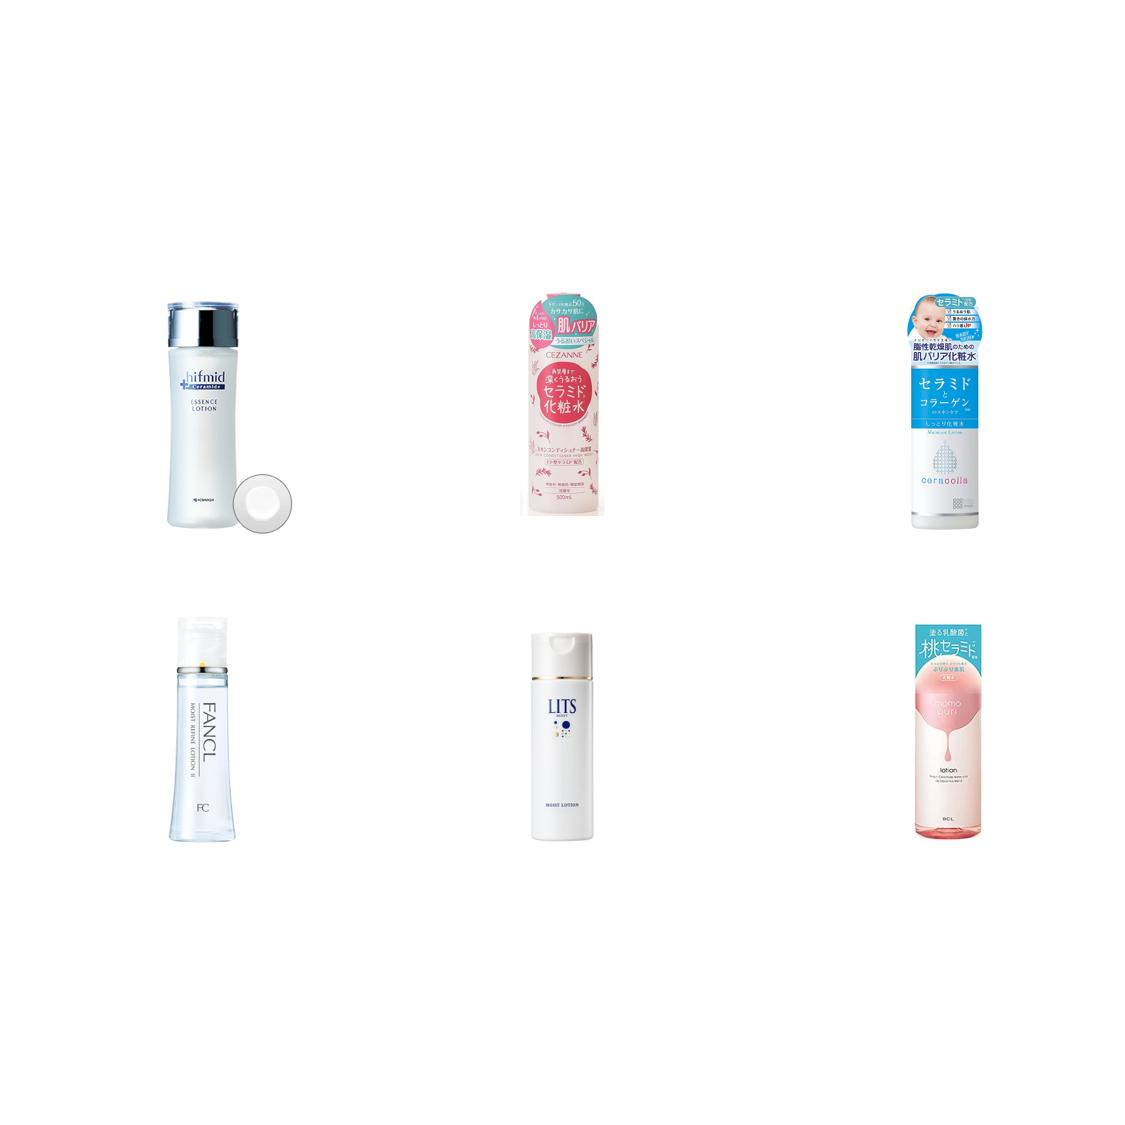 セラミド化粧水おすすめ人気16選!【市販のプチプラ・デパコス】